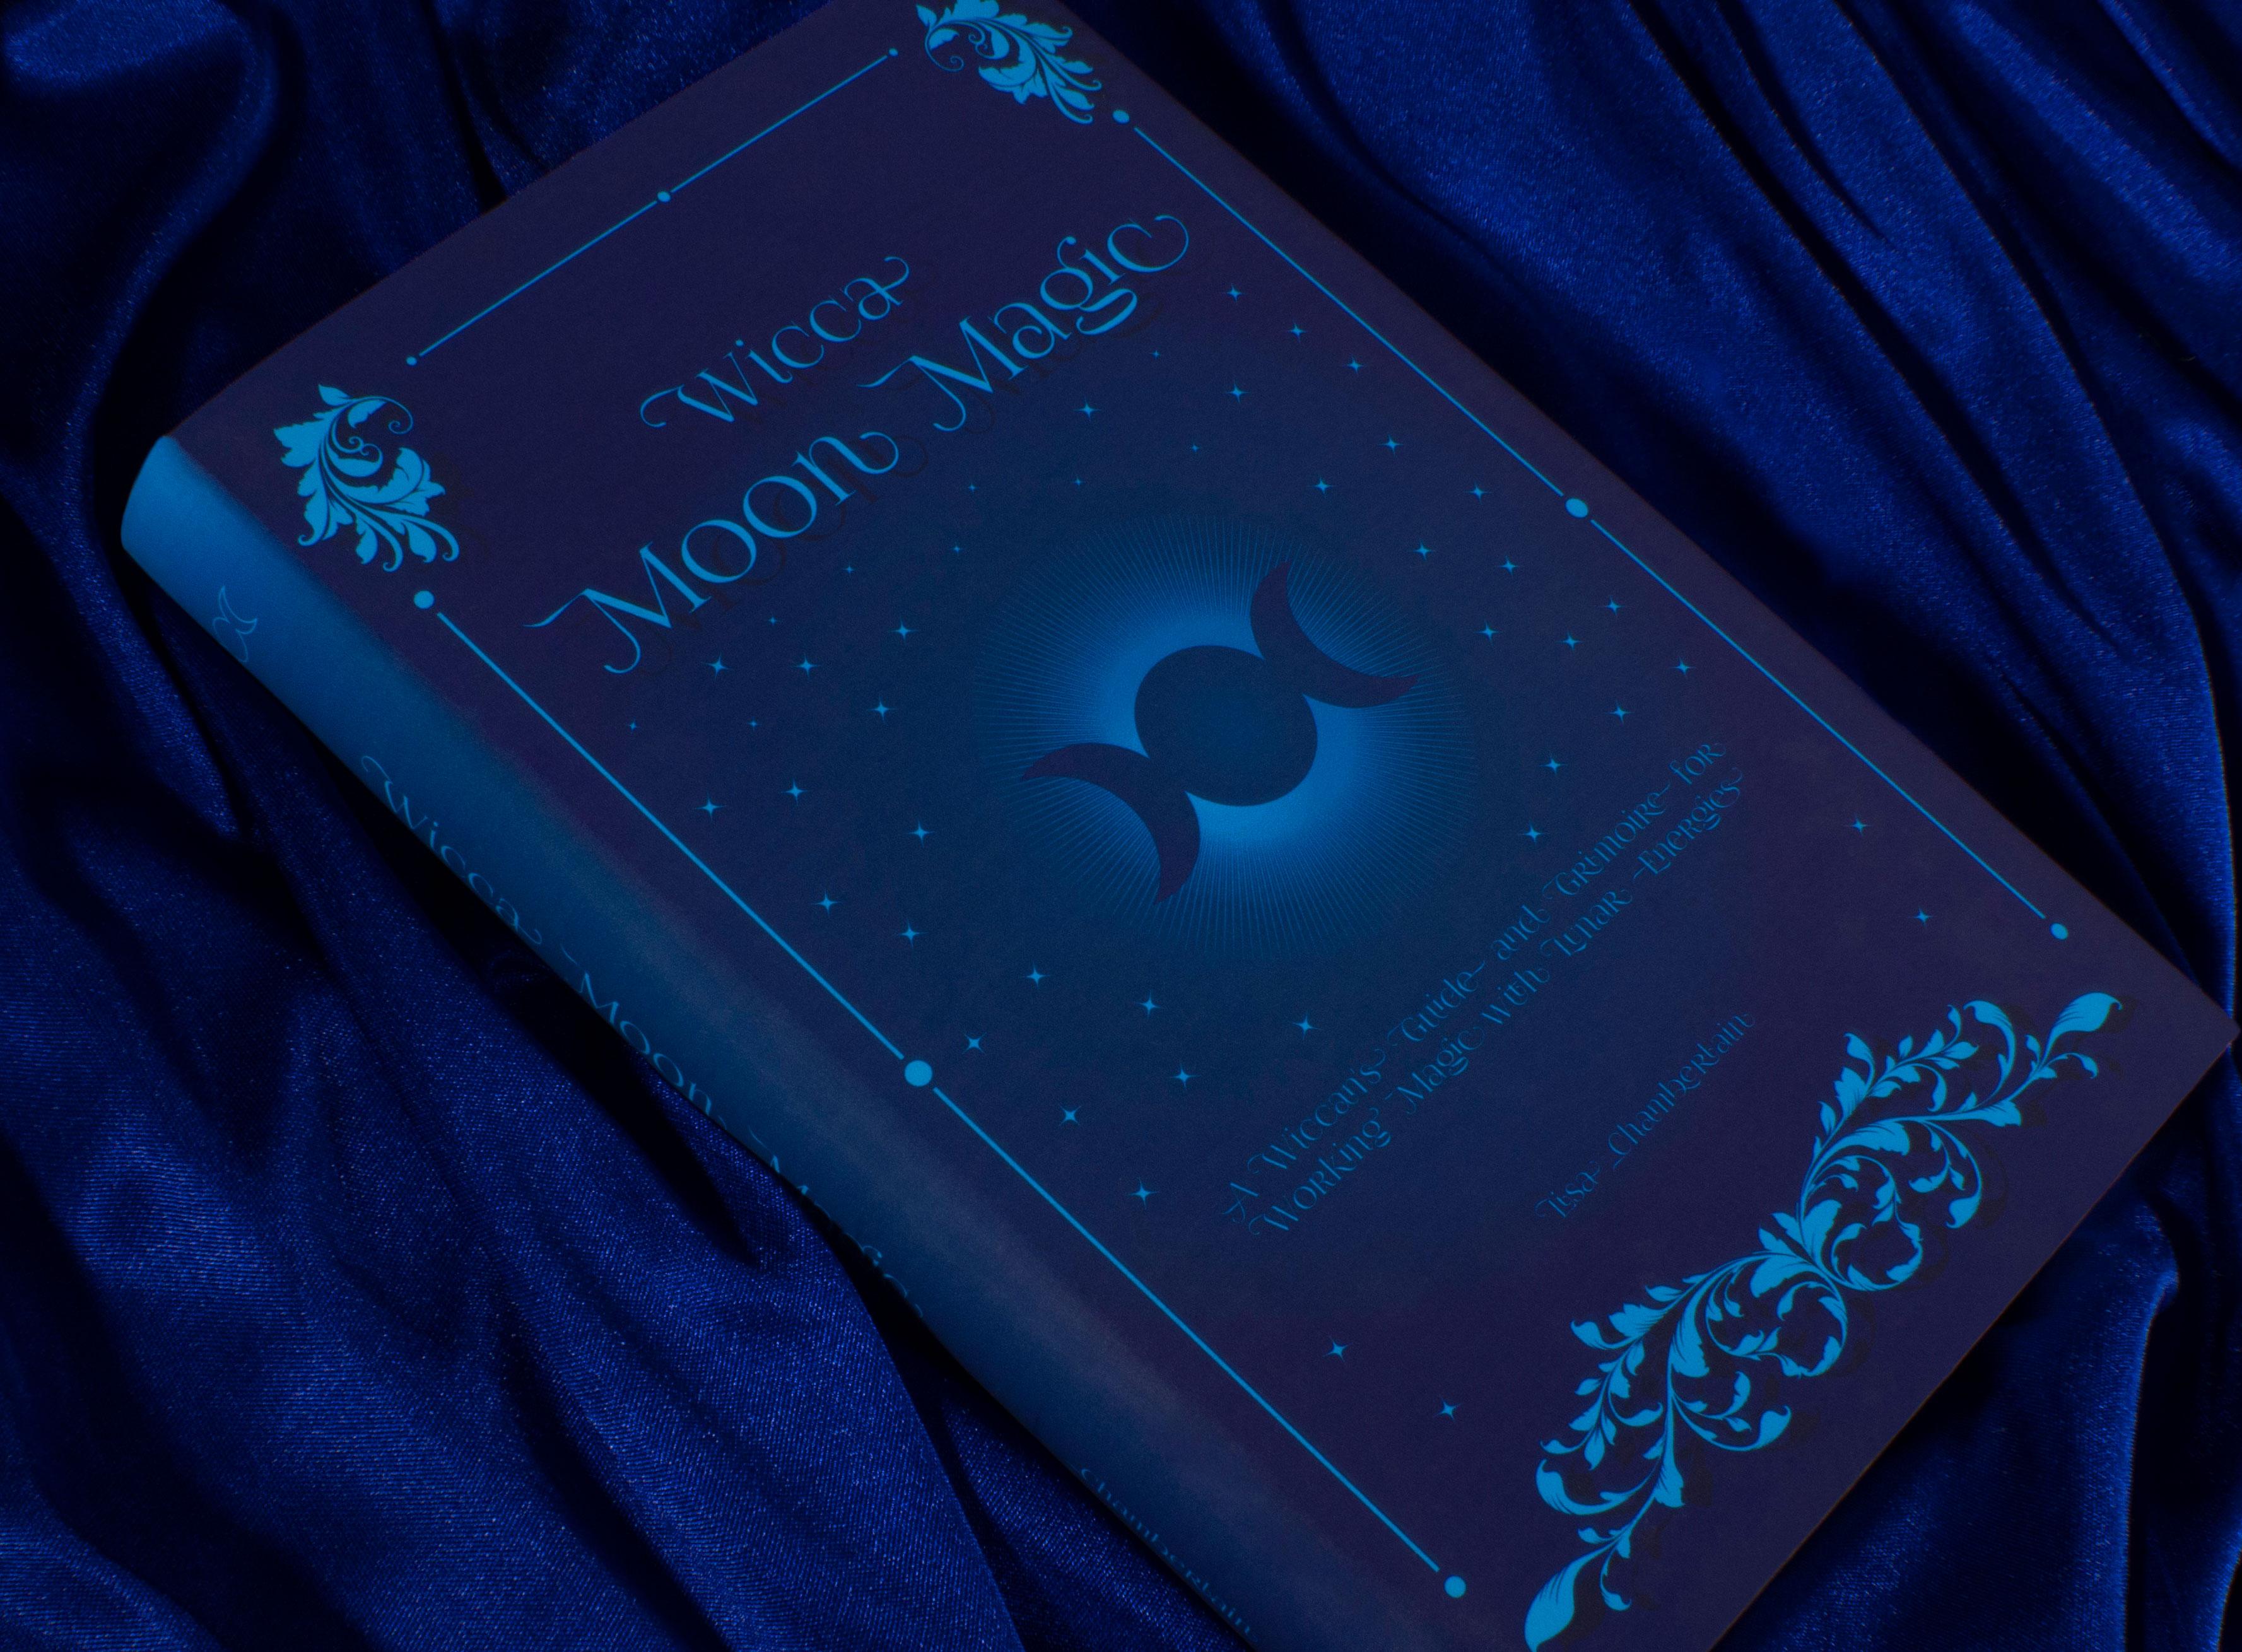 Wicca Book Series Design